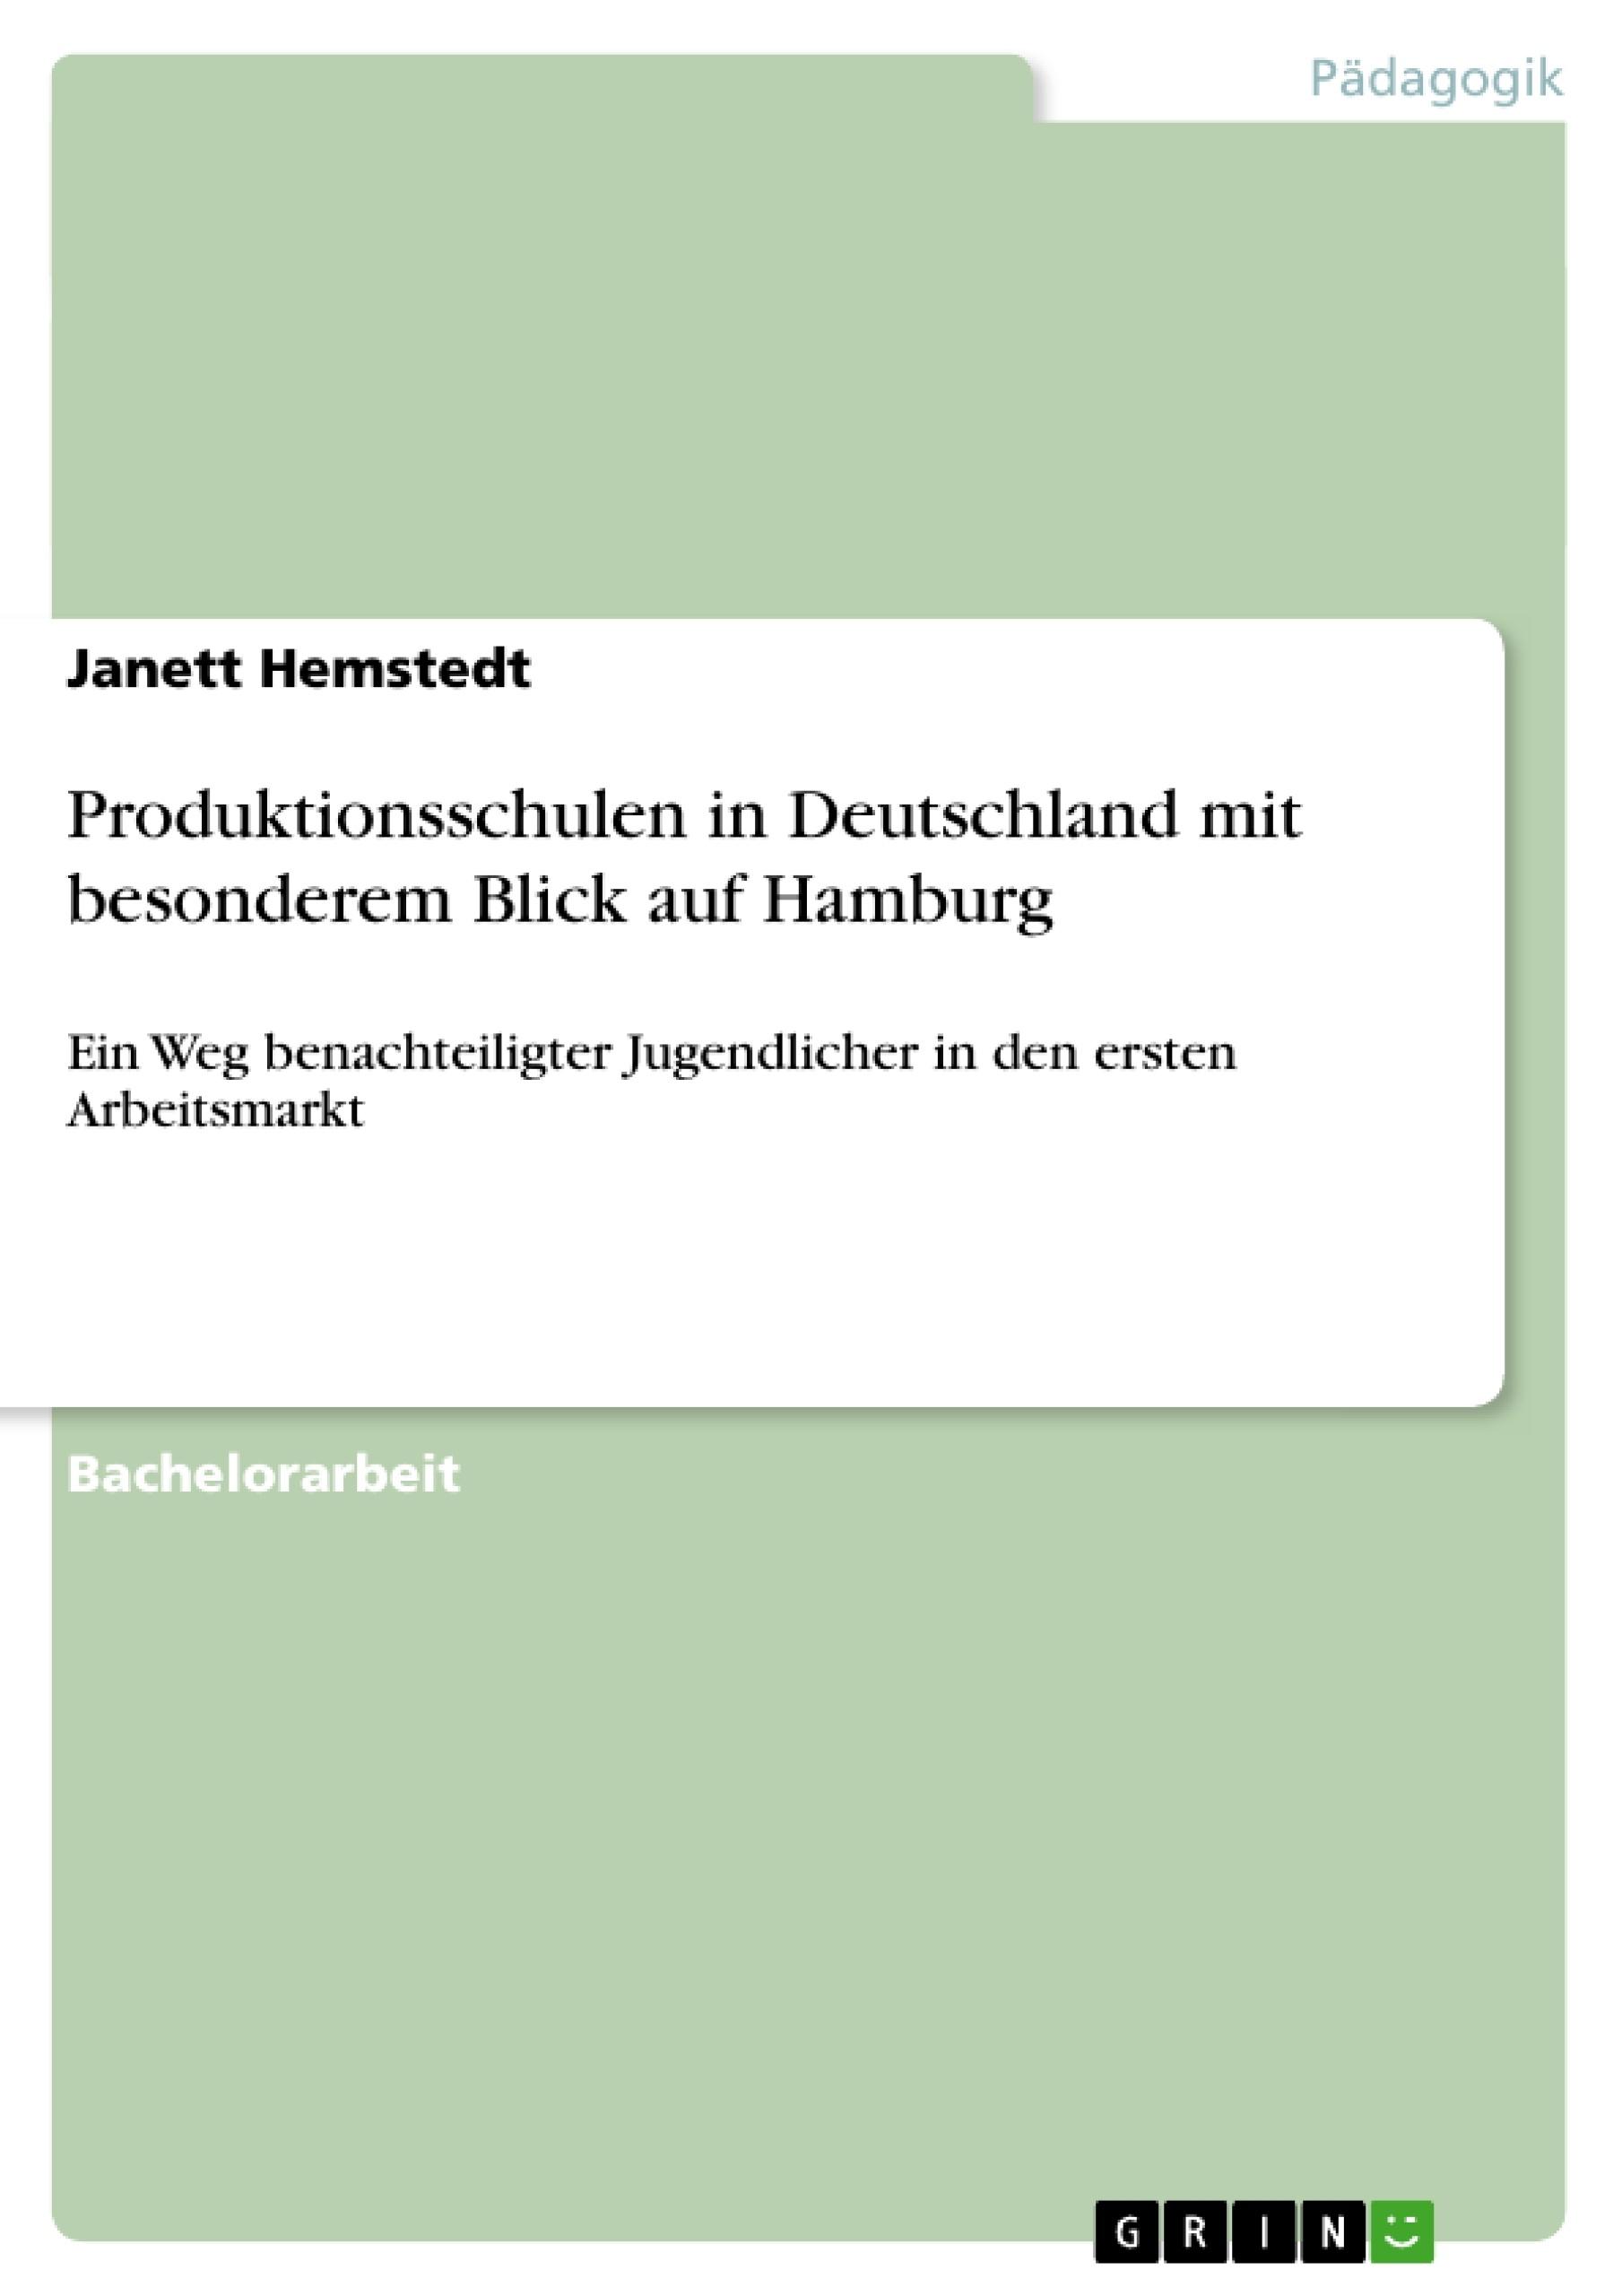 Titel: Produktionsschulen in Deutschland mit besonderem Blick auf Hamburg